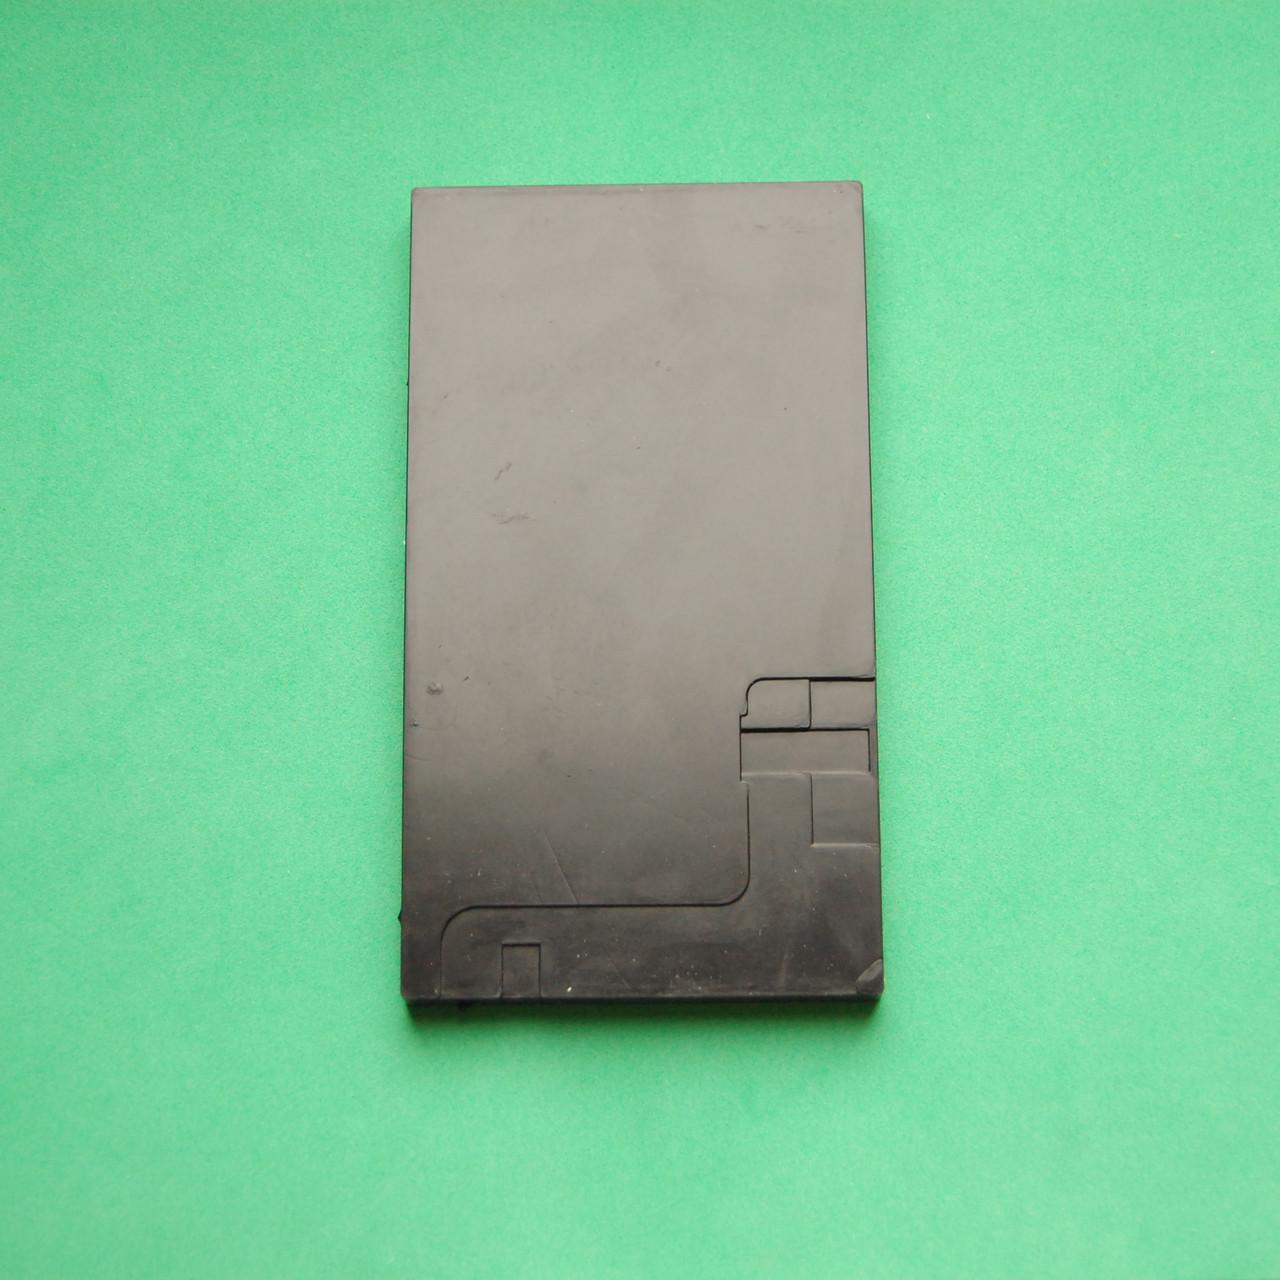 Коврик для склейки дисплейного модуля Apple iPhone 7 Plus, 8 Plus с вырезом под шлейф